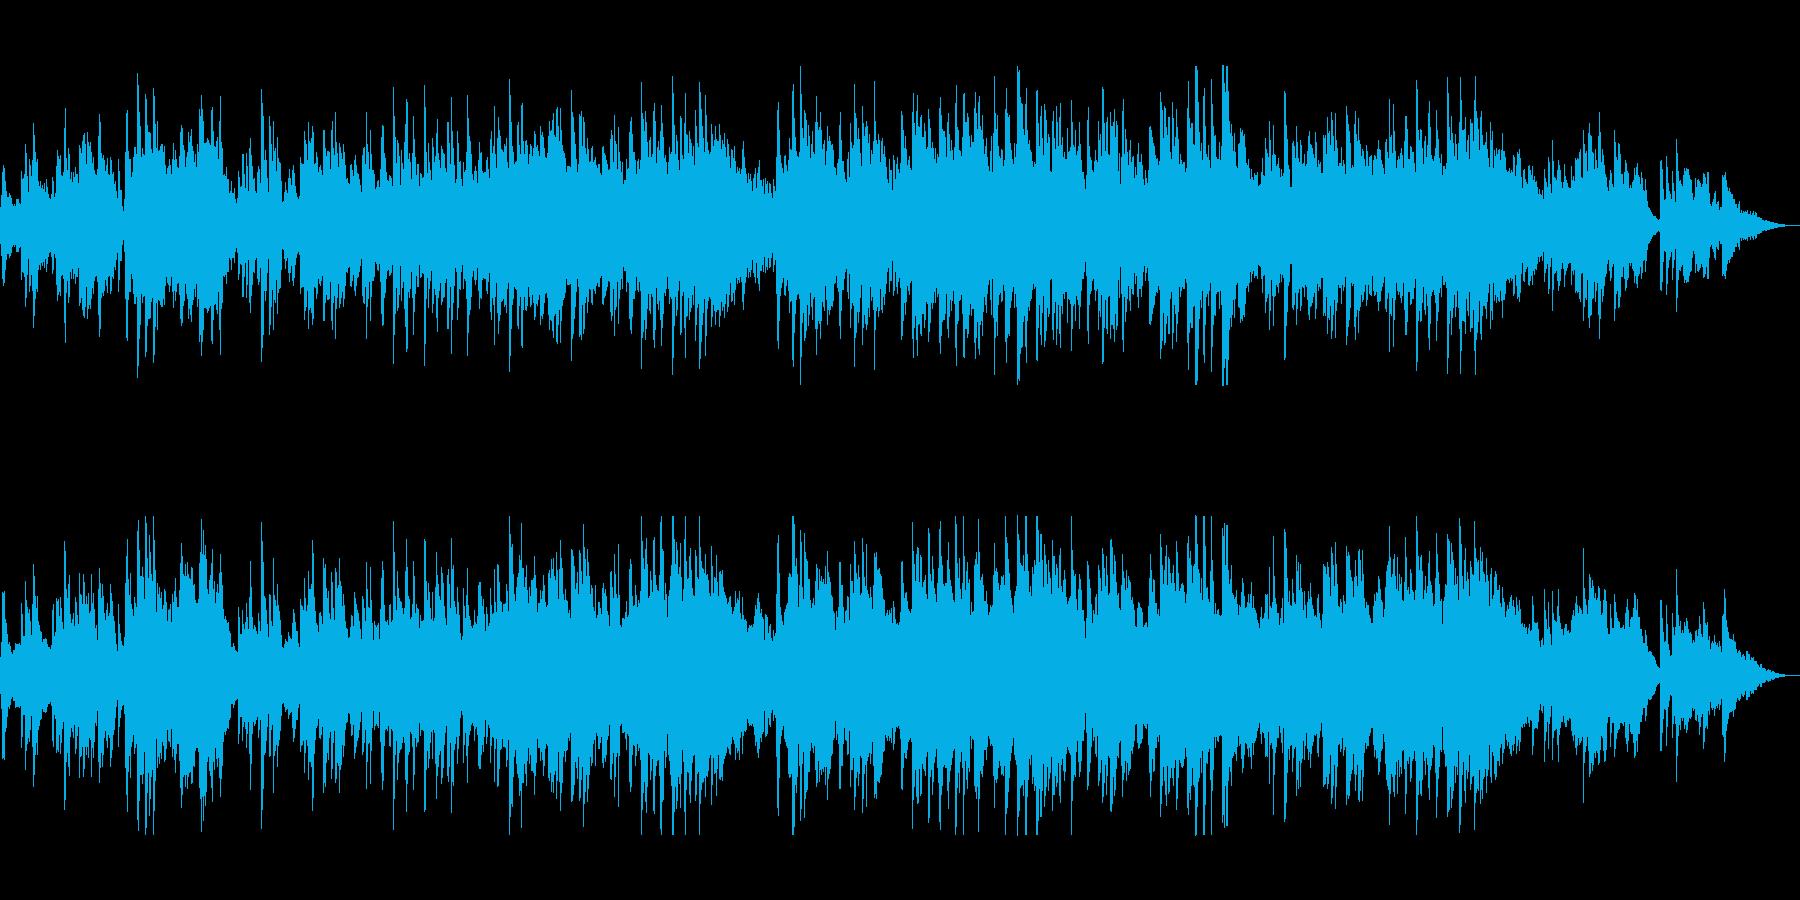 ピアノが昔を思い起こさせるバラードの再生済みの波形